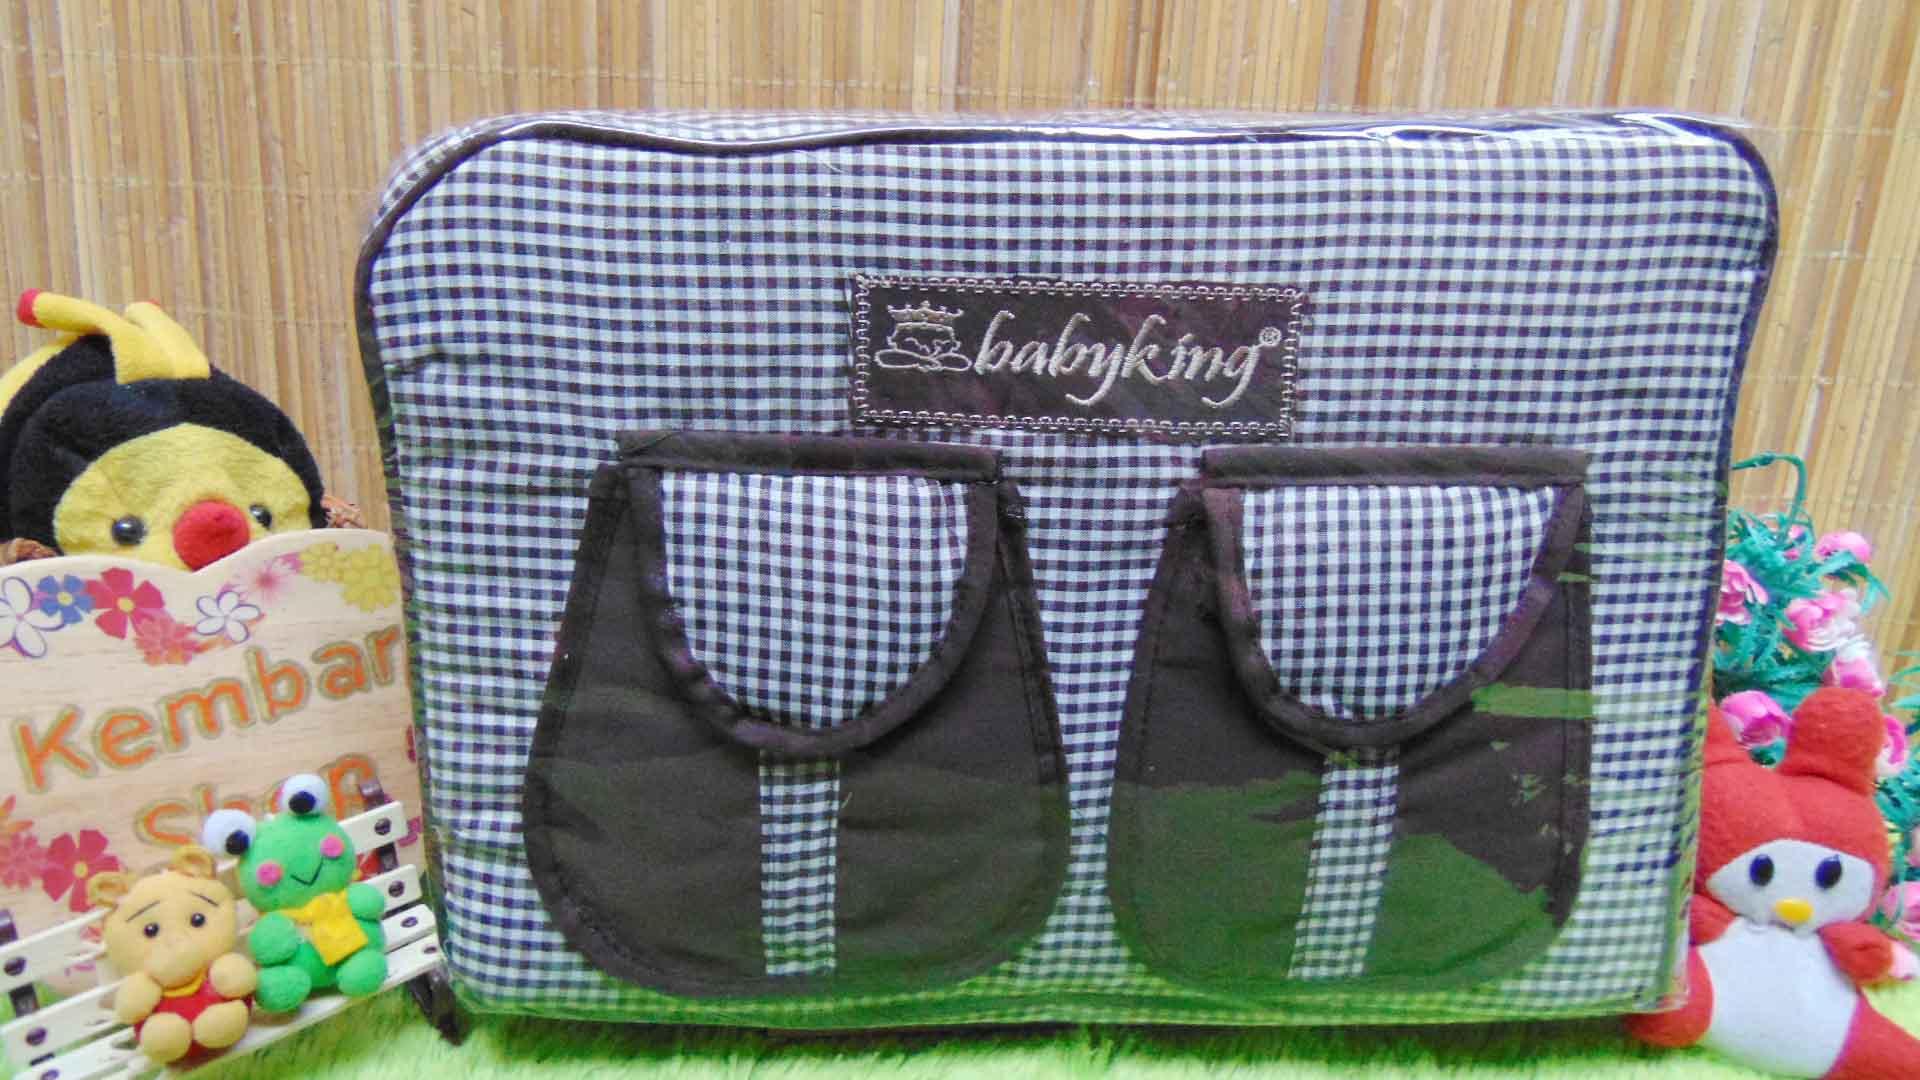 kado bayi tas perlengkapan bayi diapers bag baby king square chocolate